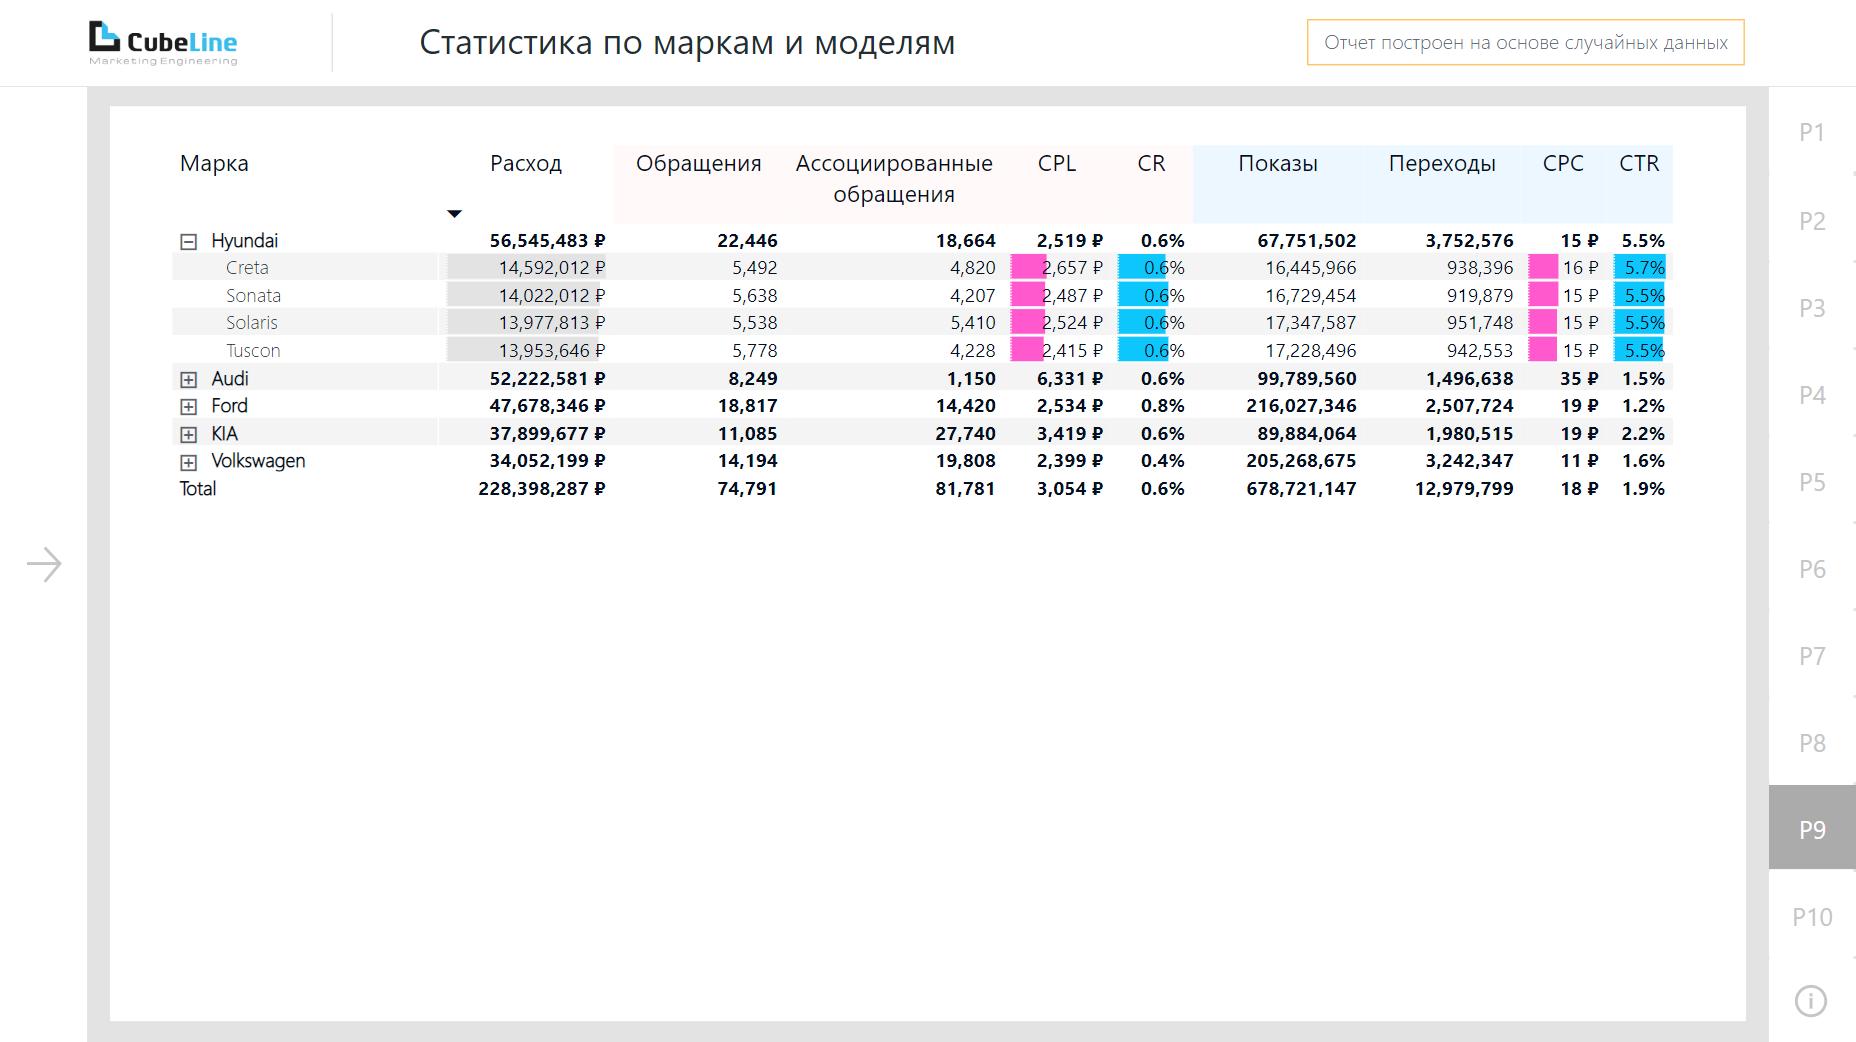 Статистика по маркам и моделям в Power BI для автодилеров